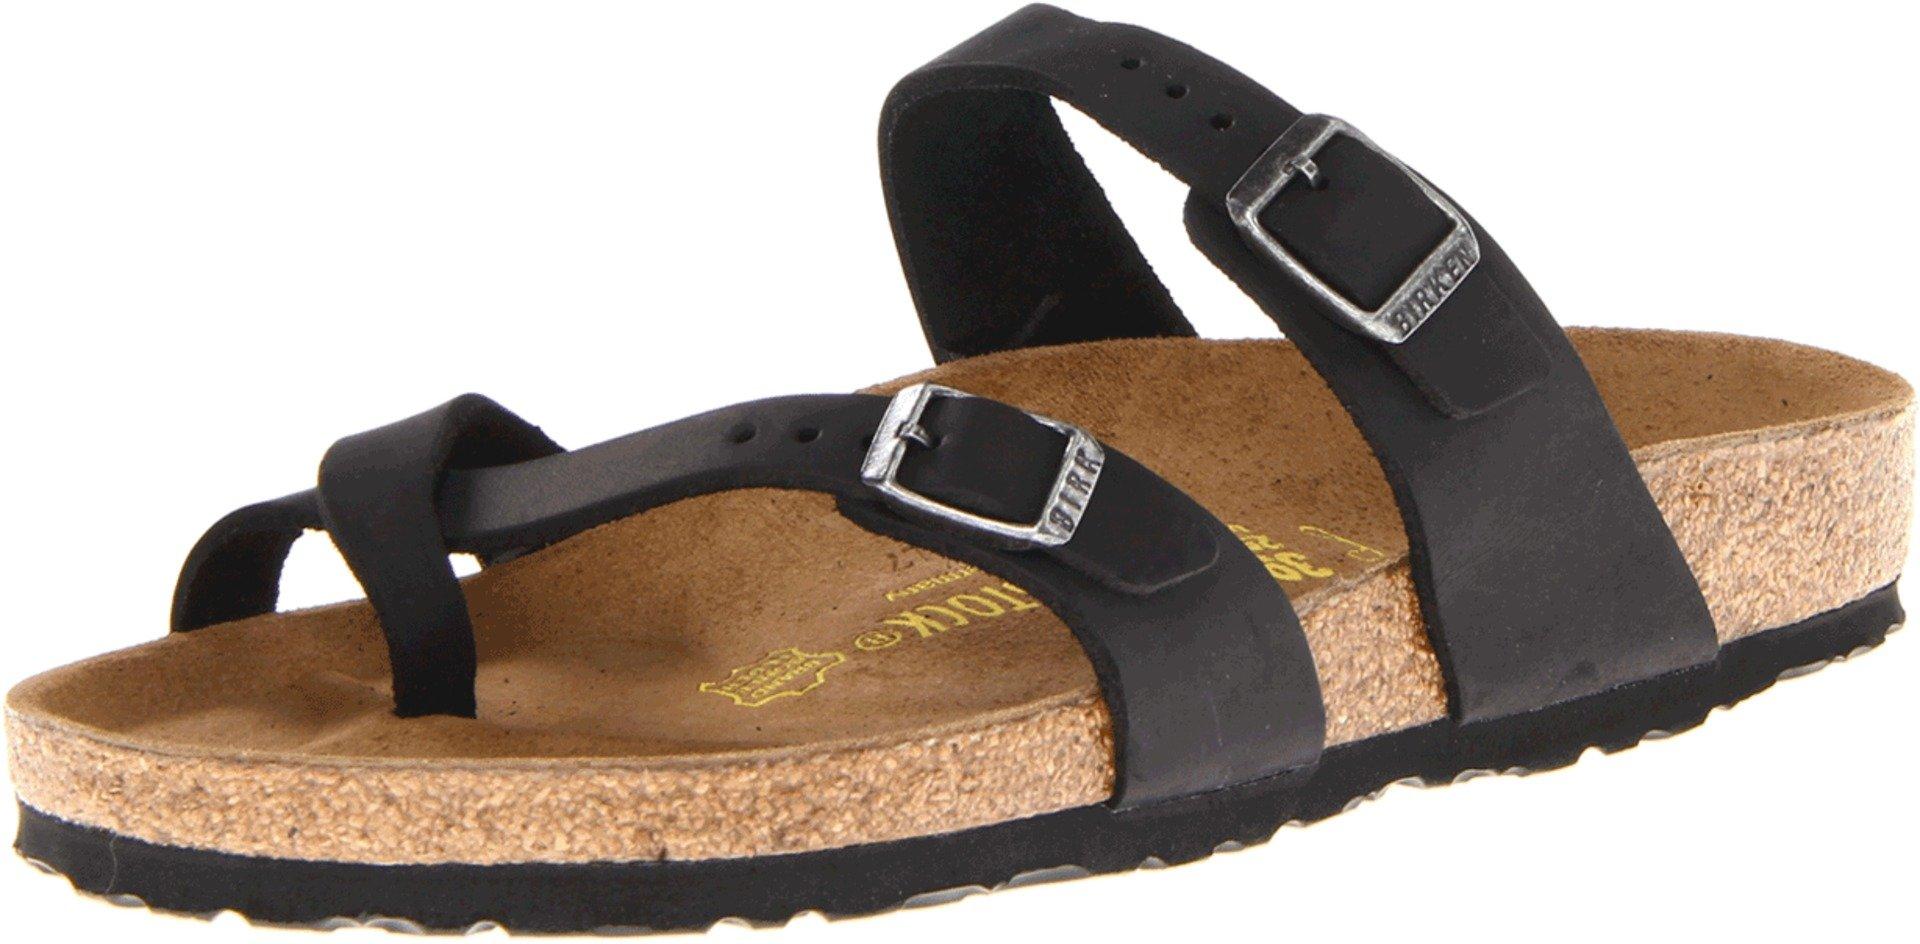 Birkenstock Women's Mayari Leather Thong Sandal,Black,EU Size 37 / Women's US Size 6-6.5 by Birkenstock (Image #1)